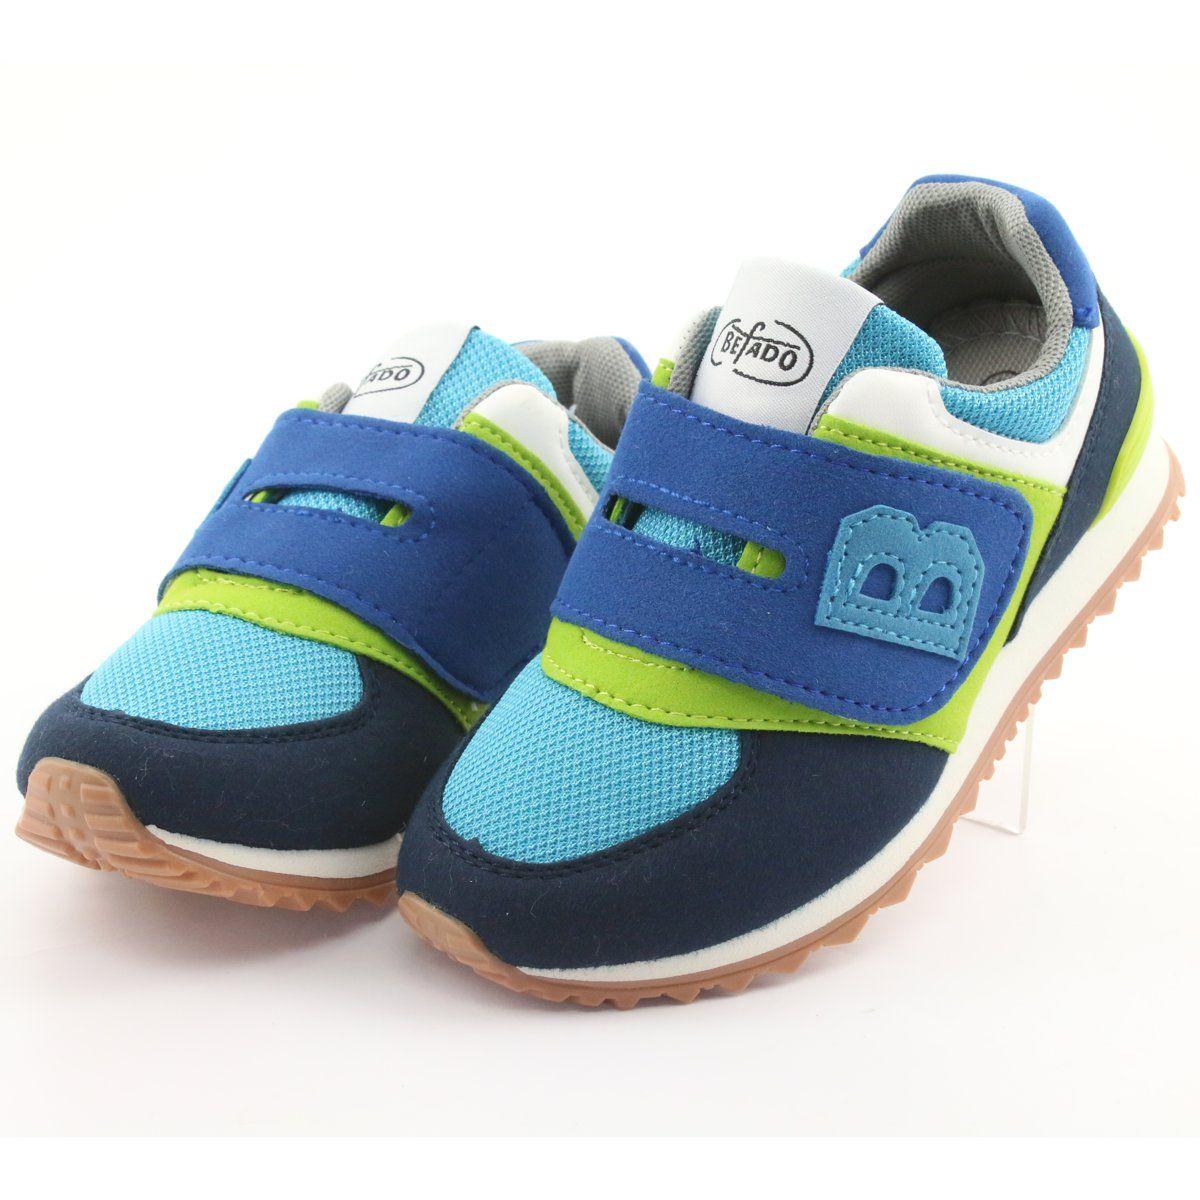 Befado Obuwie Dzieciece Do 23 Cm 516x043 Biale Niebieskie Granatowe Childrens Shoes Kid Shoes Boy Shoes